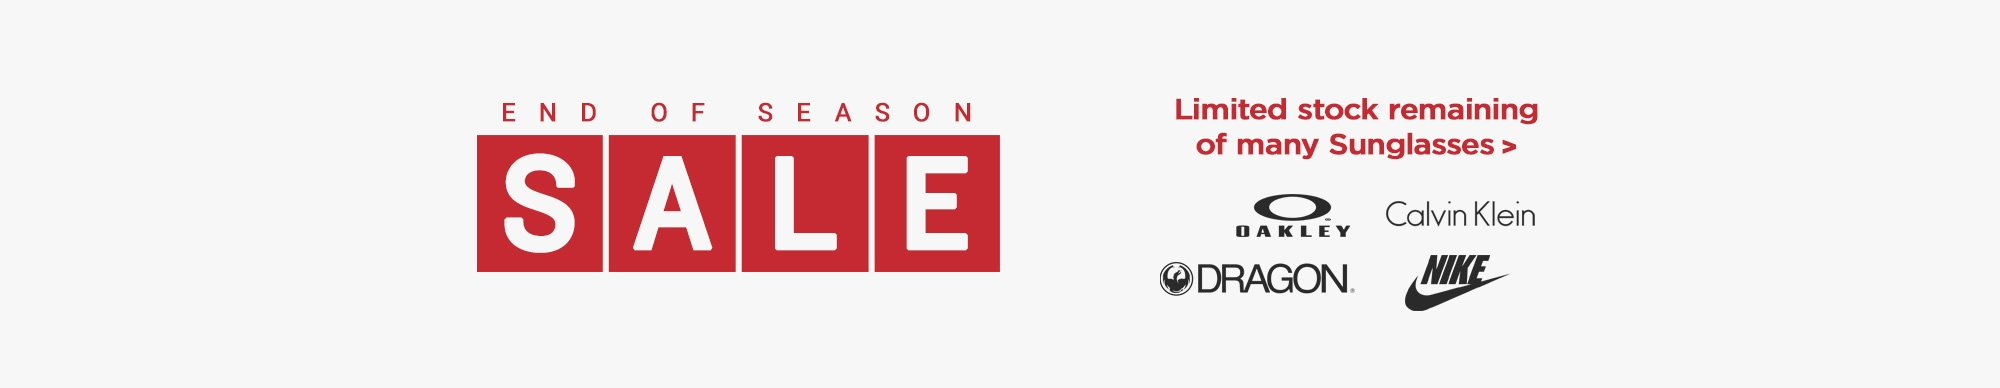 End of Season Sale | Sept 2020